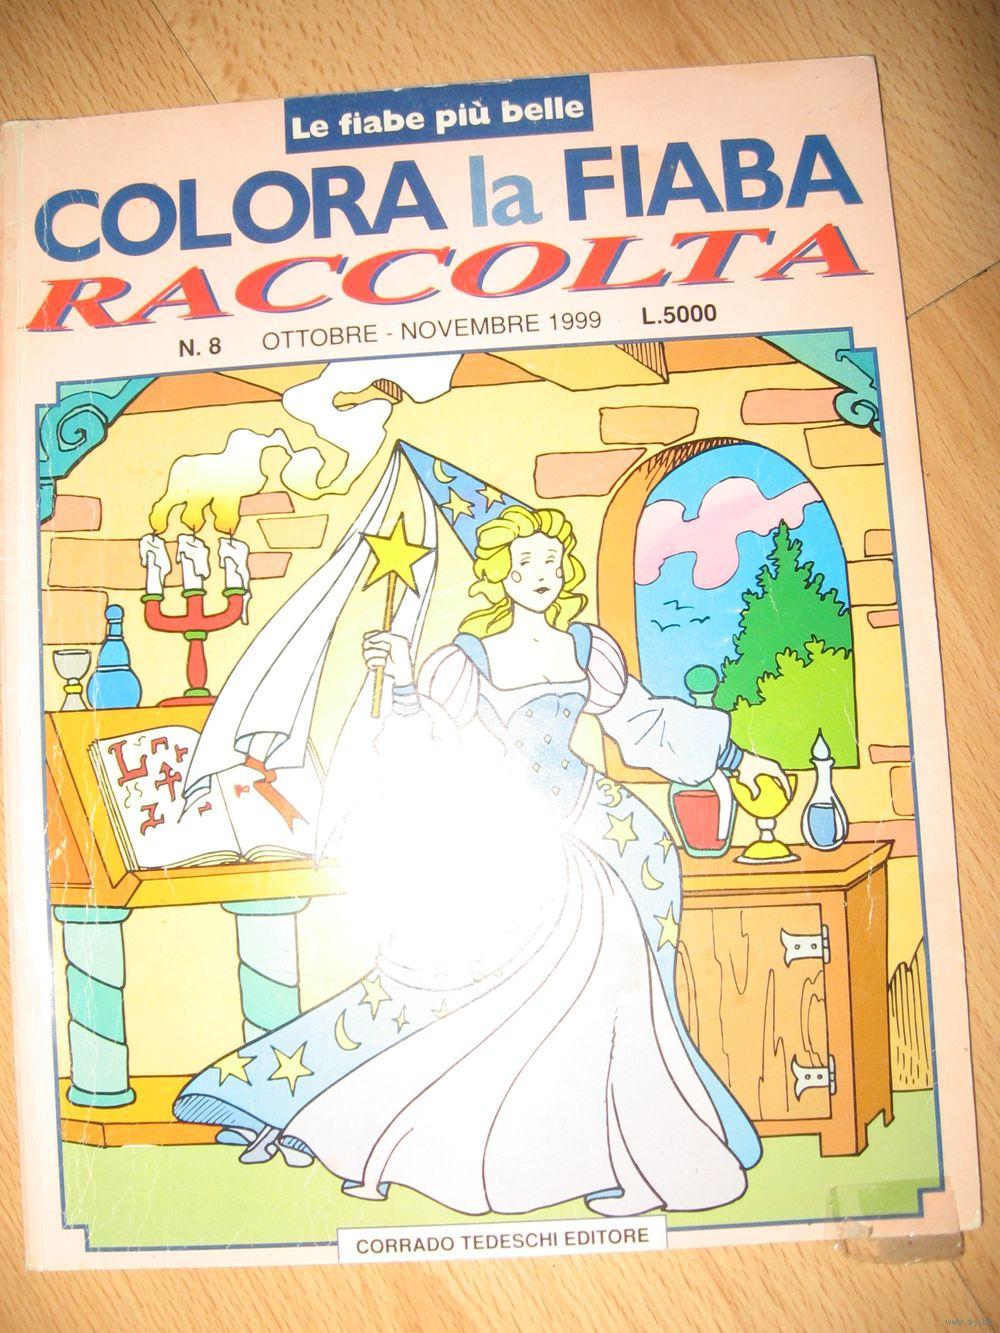 Раскраска на итальянском